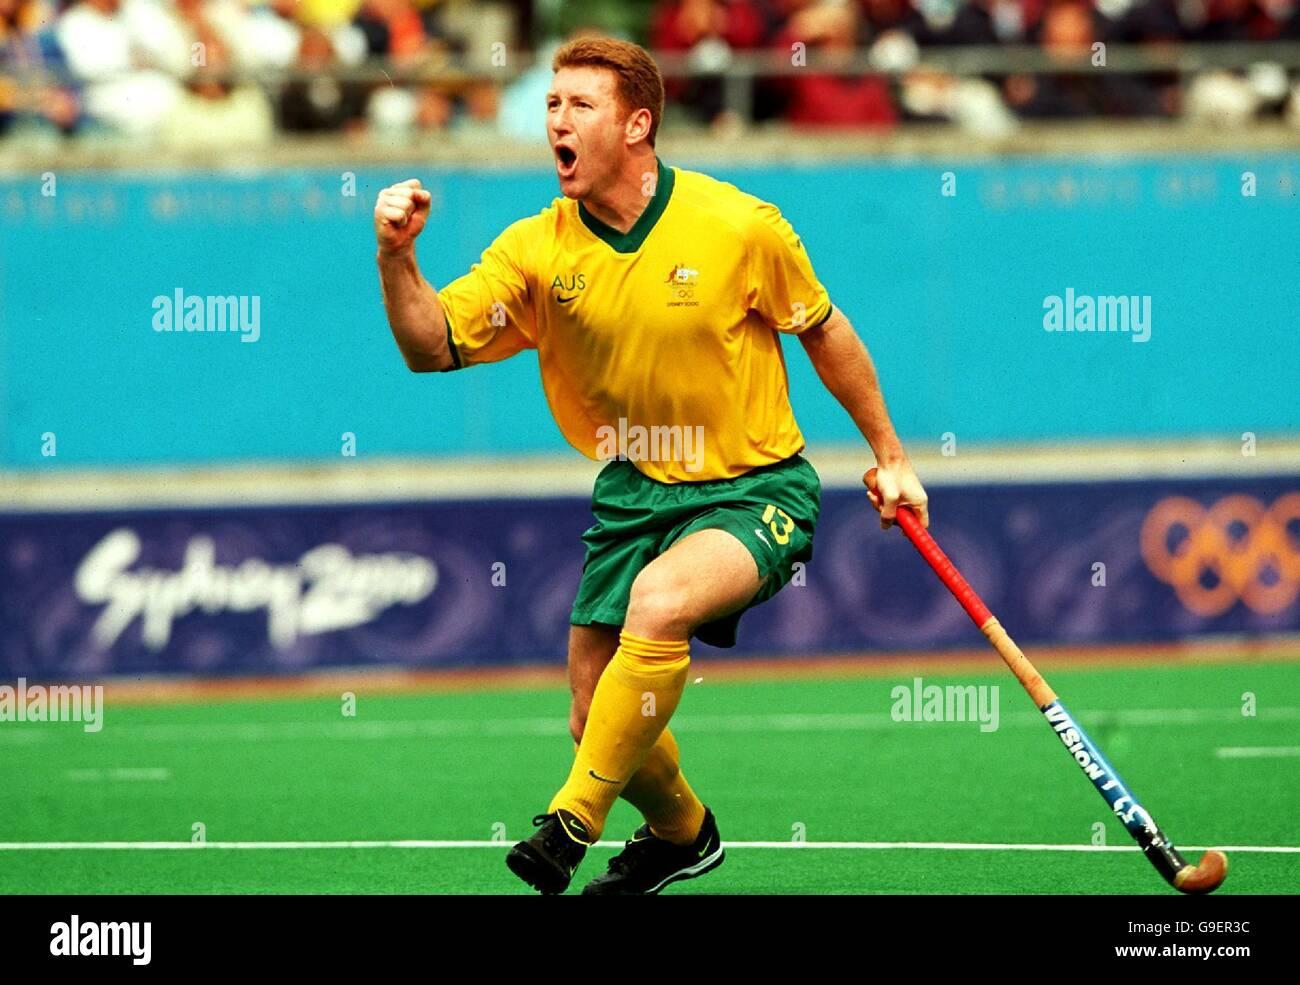 Sydney 2000 Olympics - Men's Hockey - Australia v Korea Stock Photo